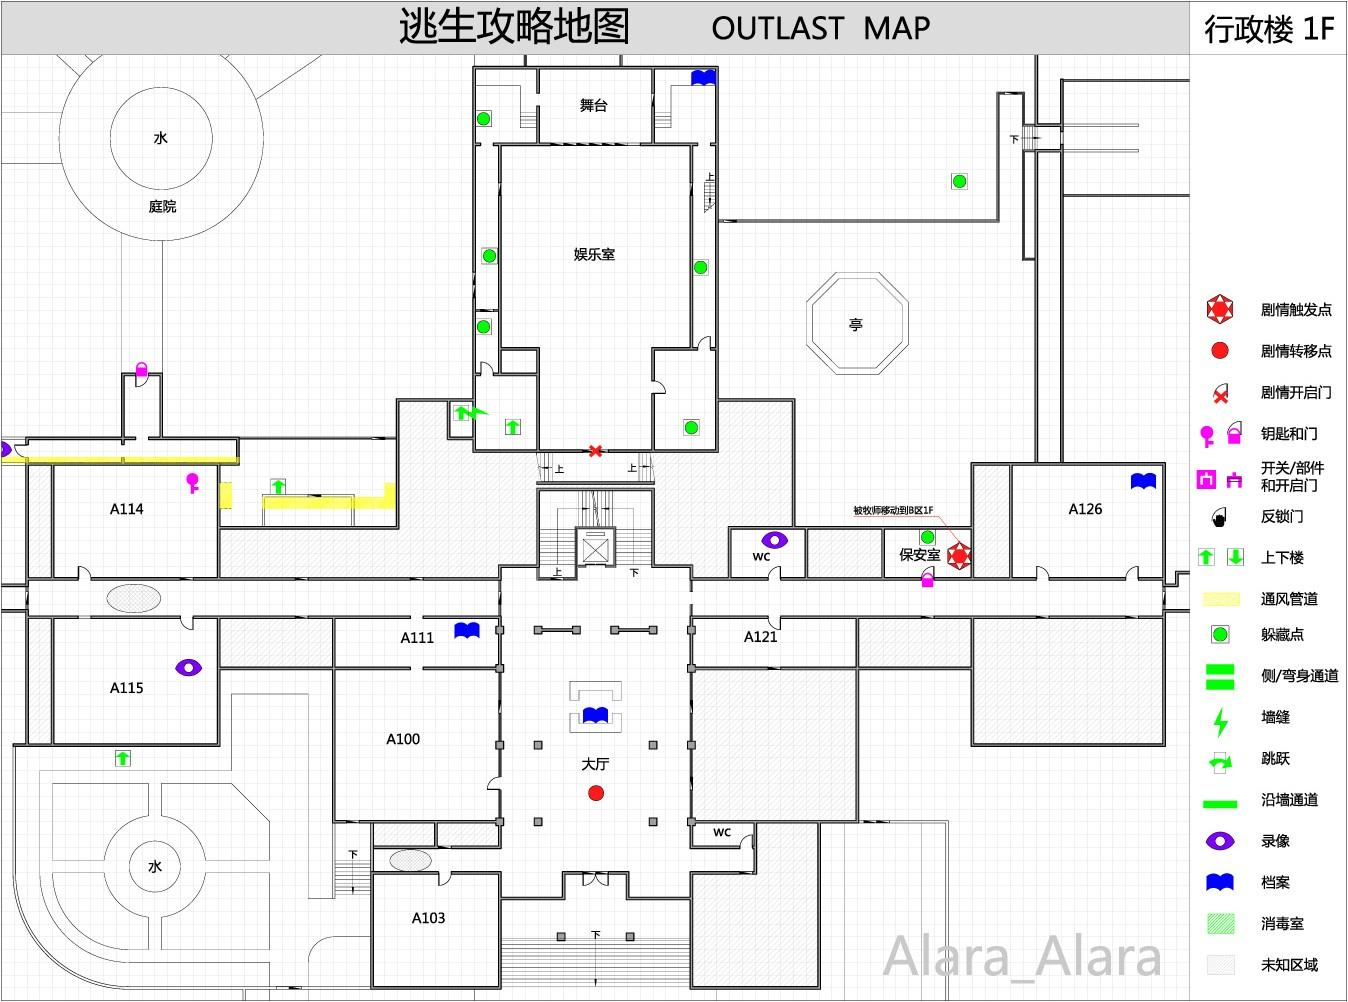 【逃生Outlast】玩法攻略幼儿园传地图游戏帽子图片